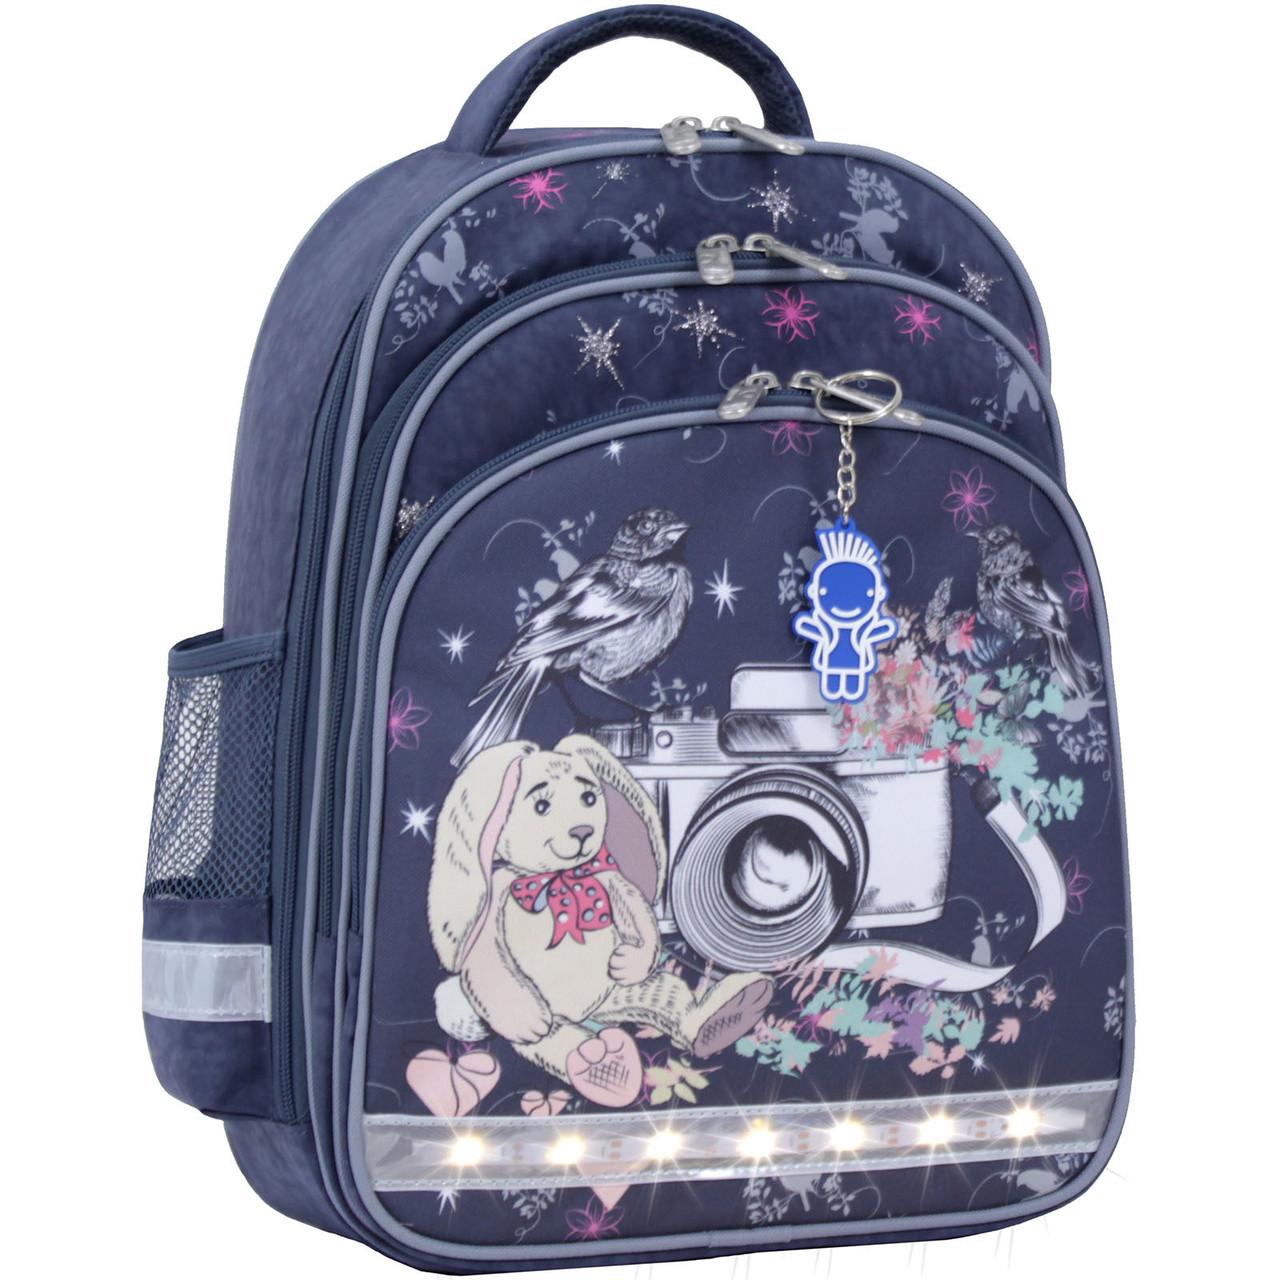 c63658b56a36 Рюкзак школьный ортопедический Bagland Mouse для девочки заяц фотоаппарат  серый